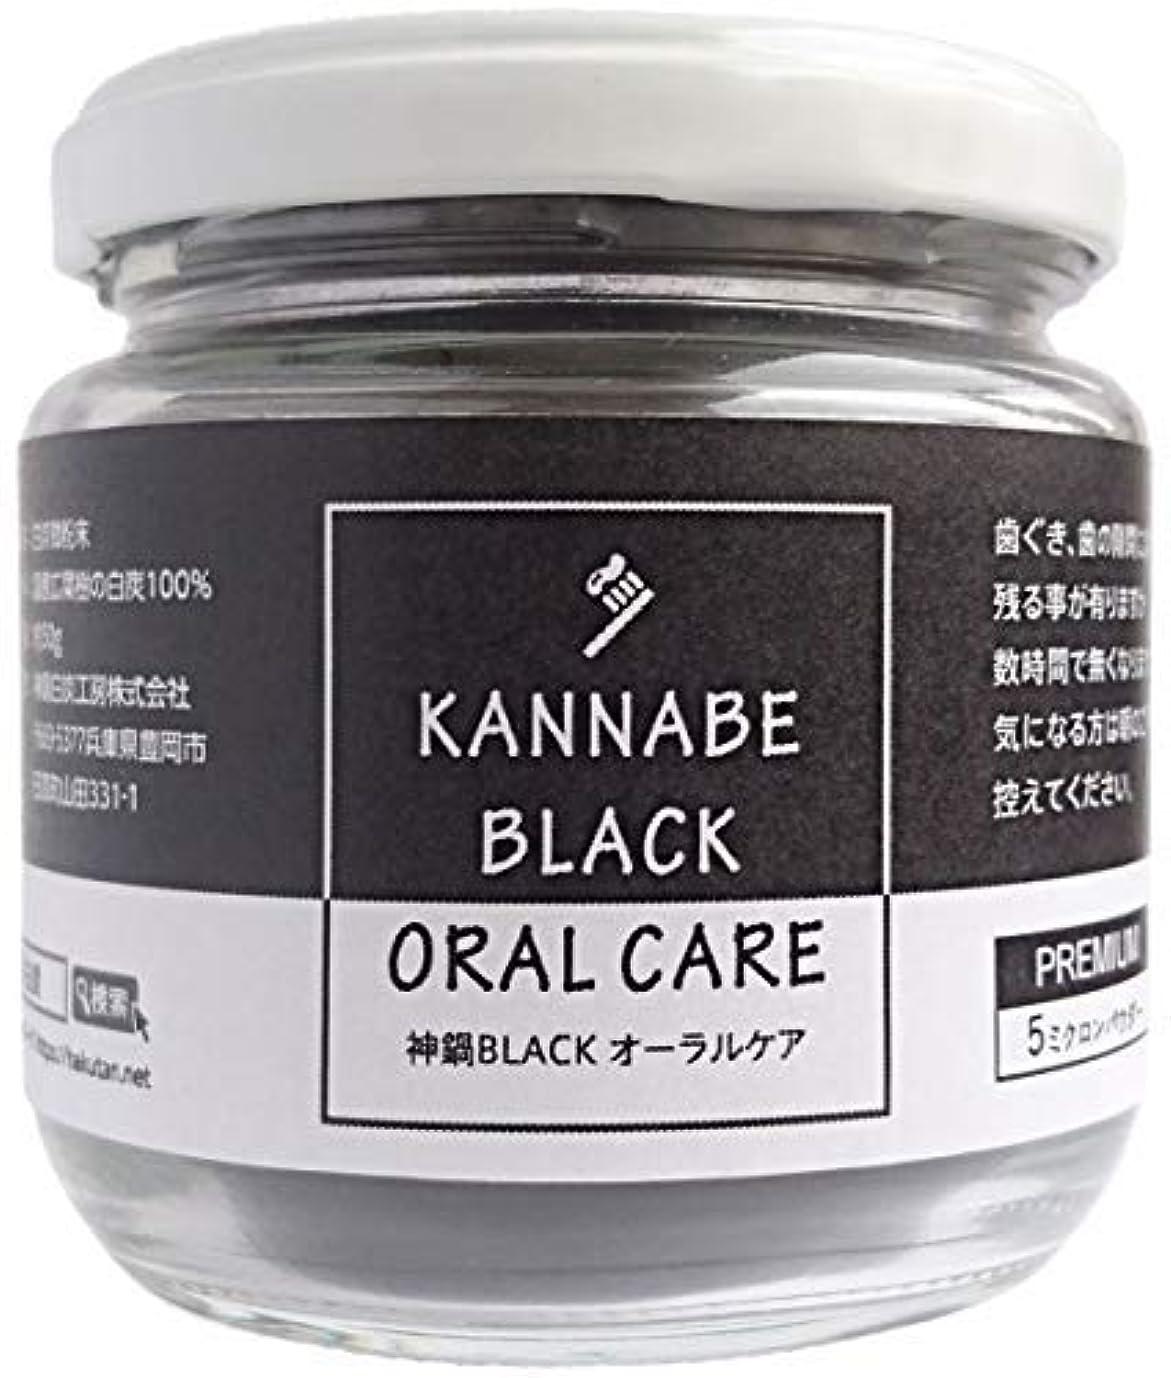 開発手書き受益者ホワイトニング オーラルケア 歯磨き 口臭 炭パウダー チャコール 5ミクロン 神鍋BLACK 独自白炭製法 50g